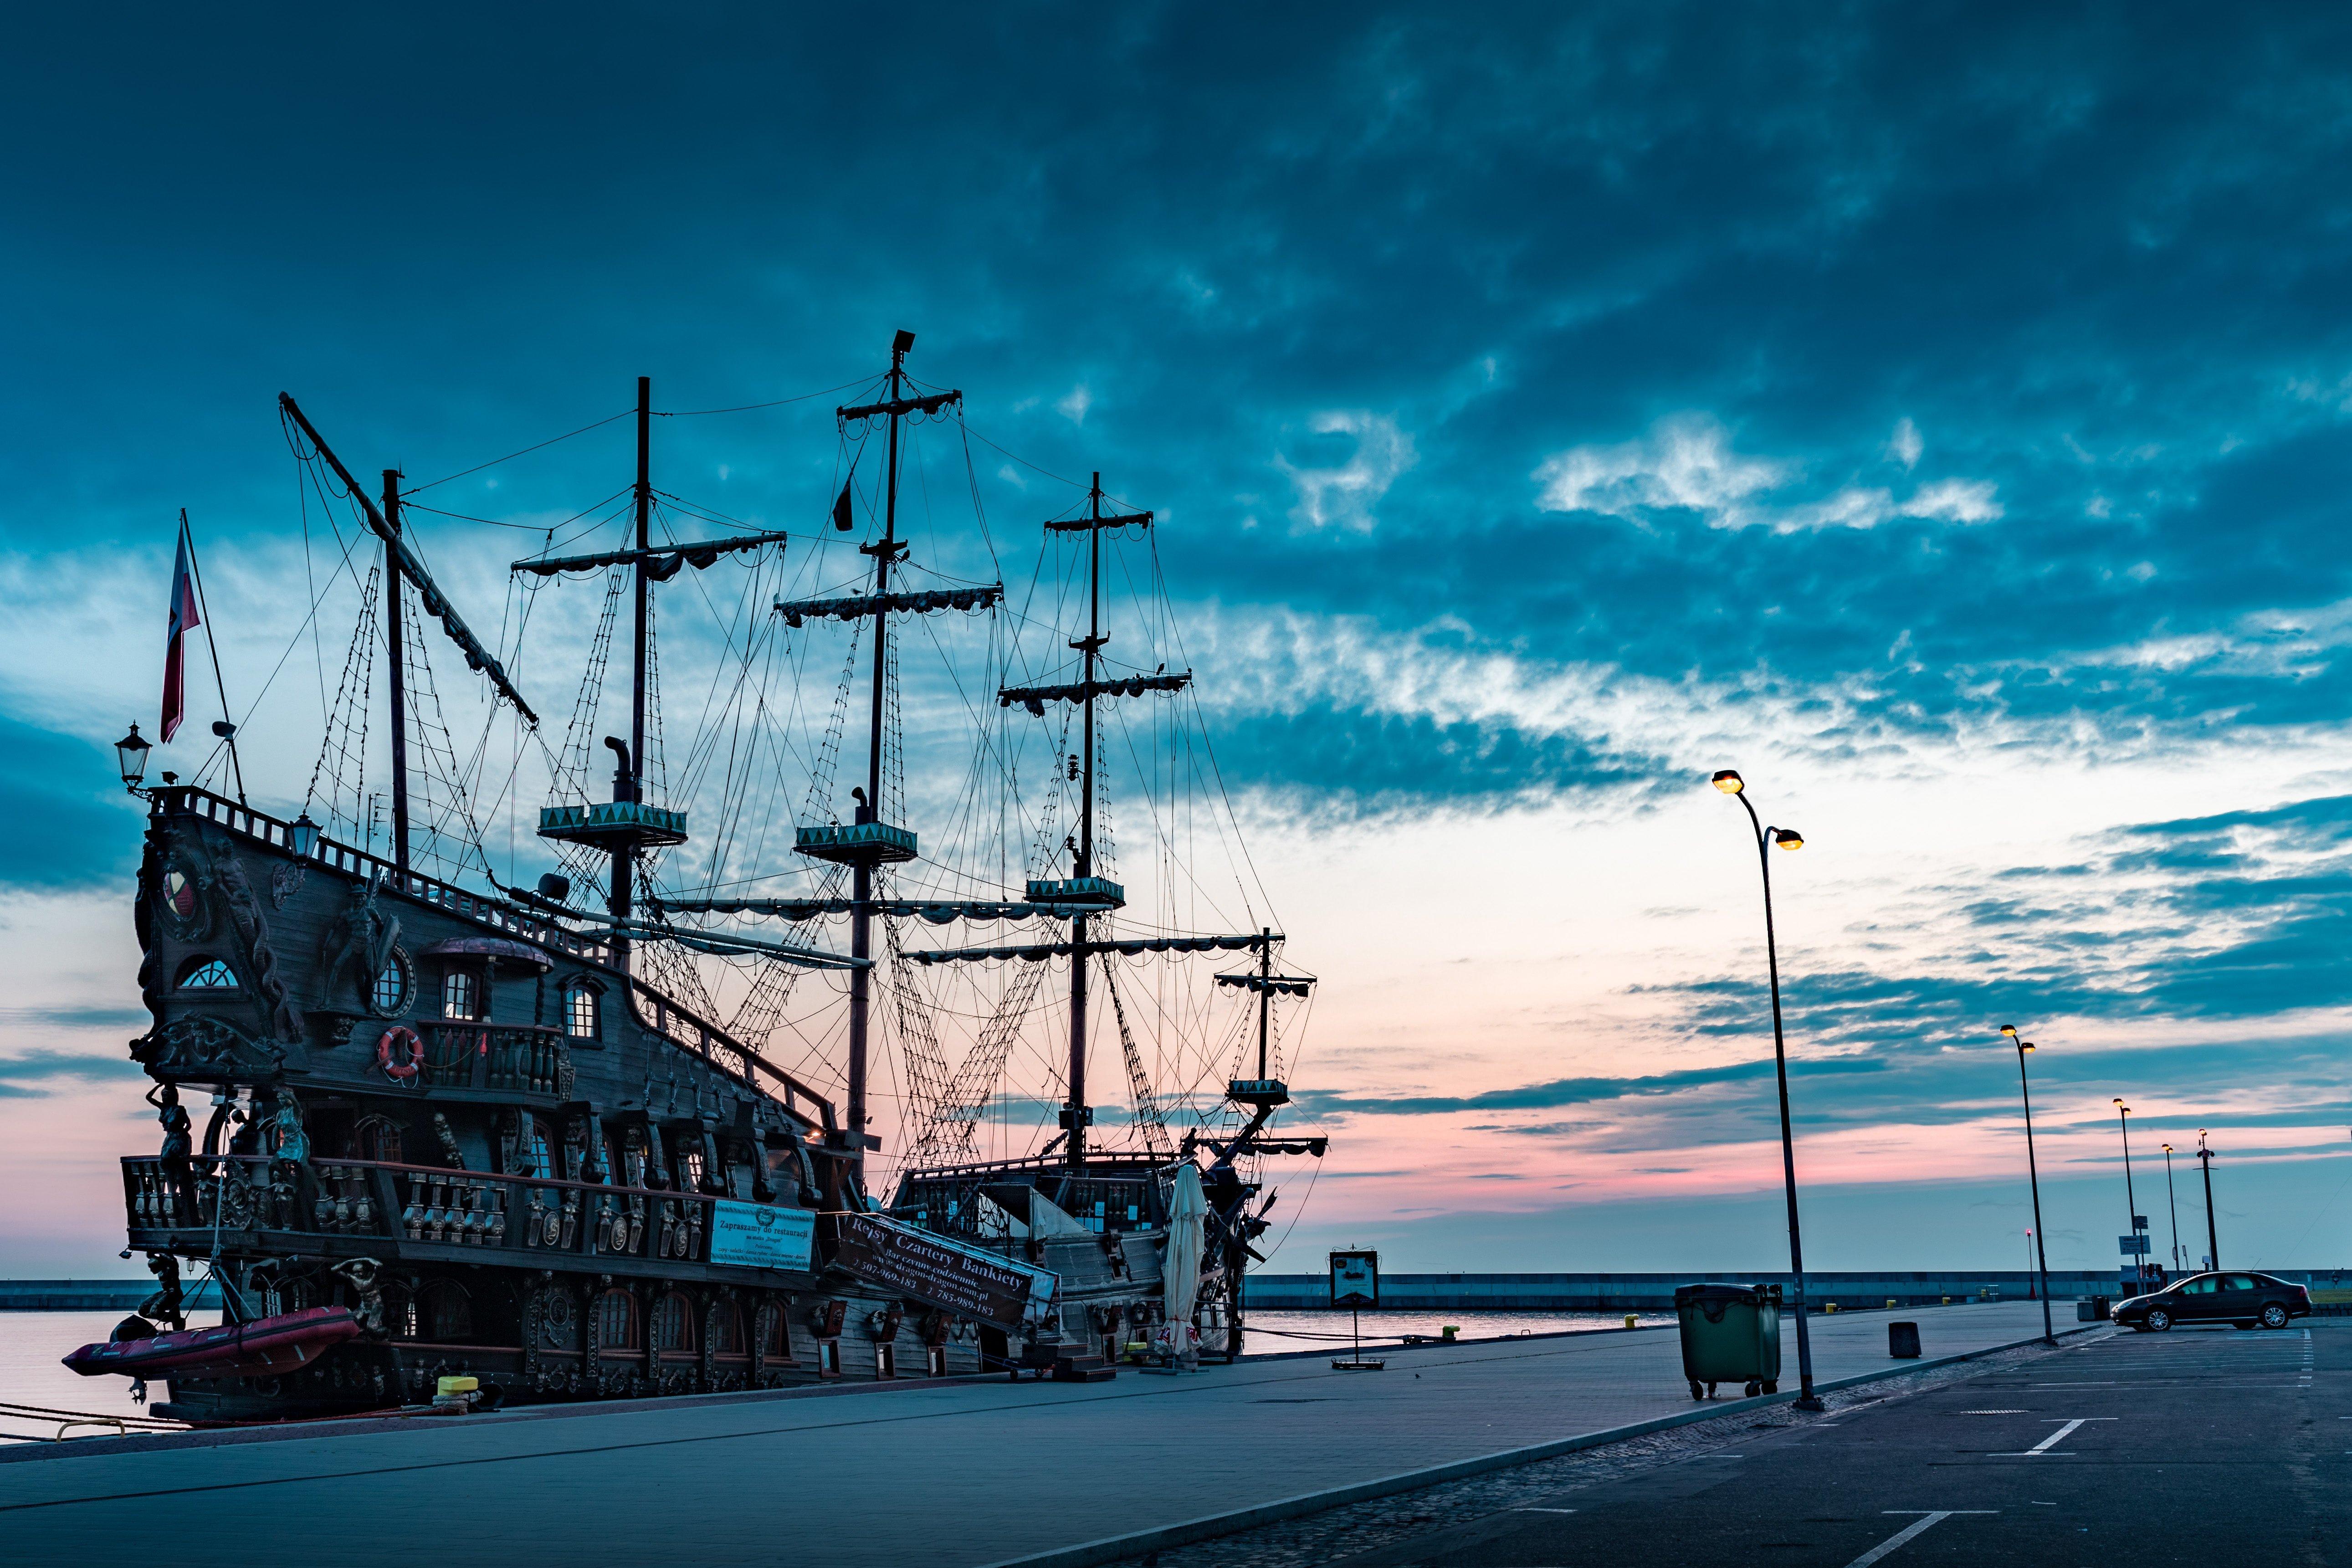 Pirates on Shore débarque à Paris !